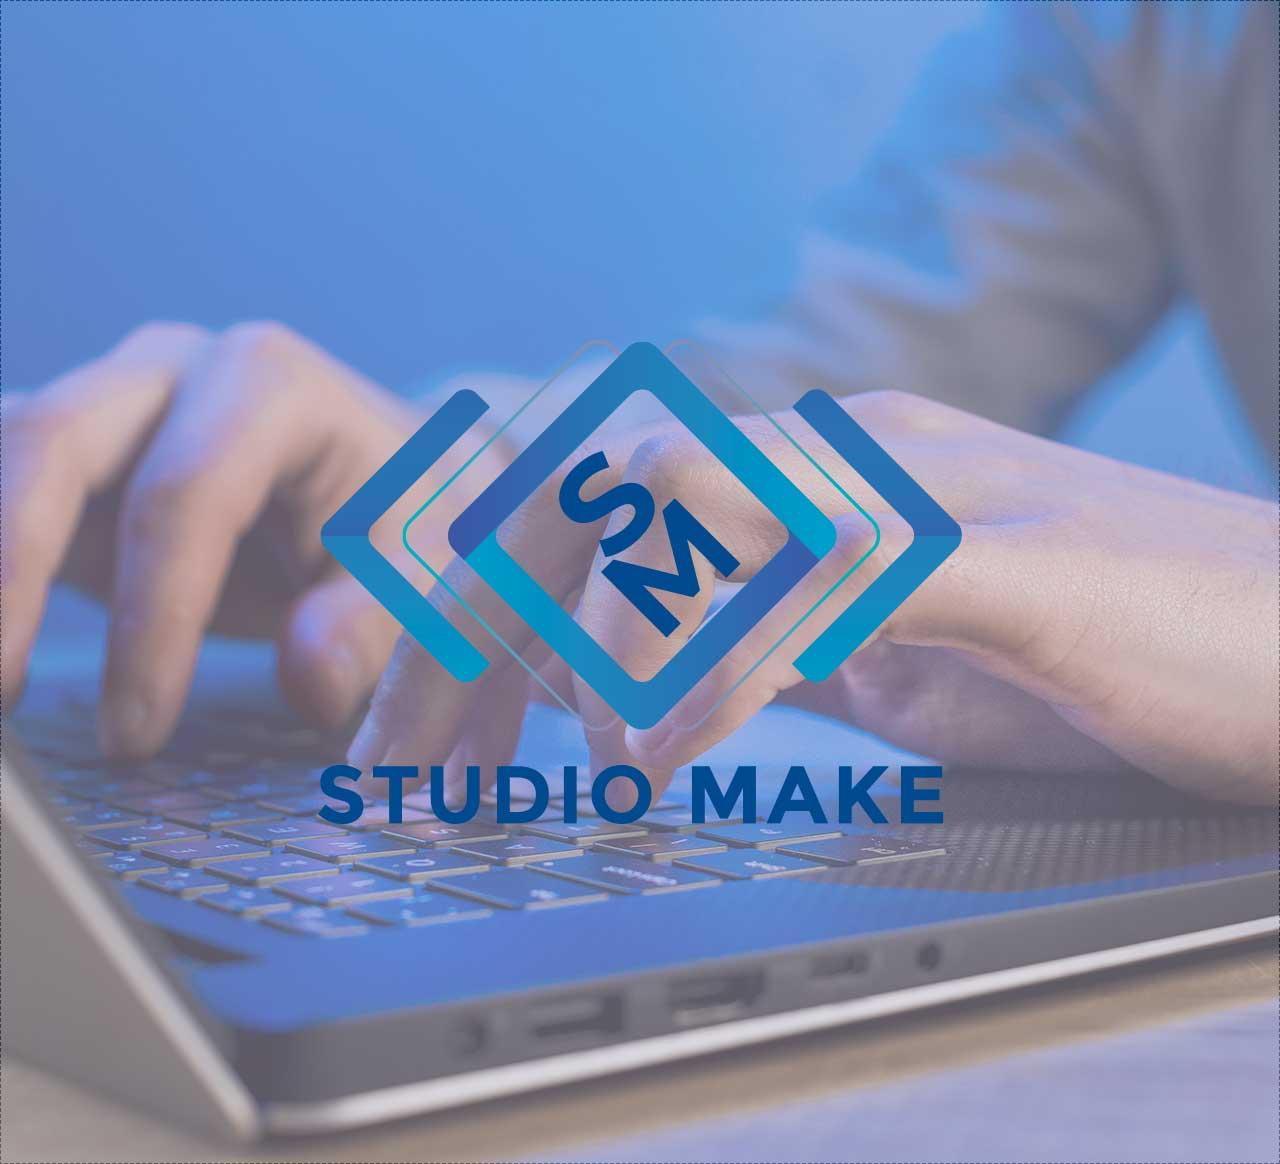 Studio-Make-Gatti-CAM progettazione